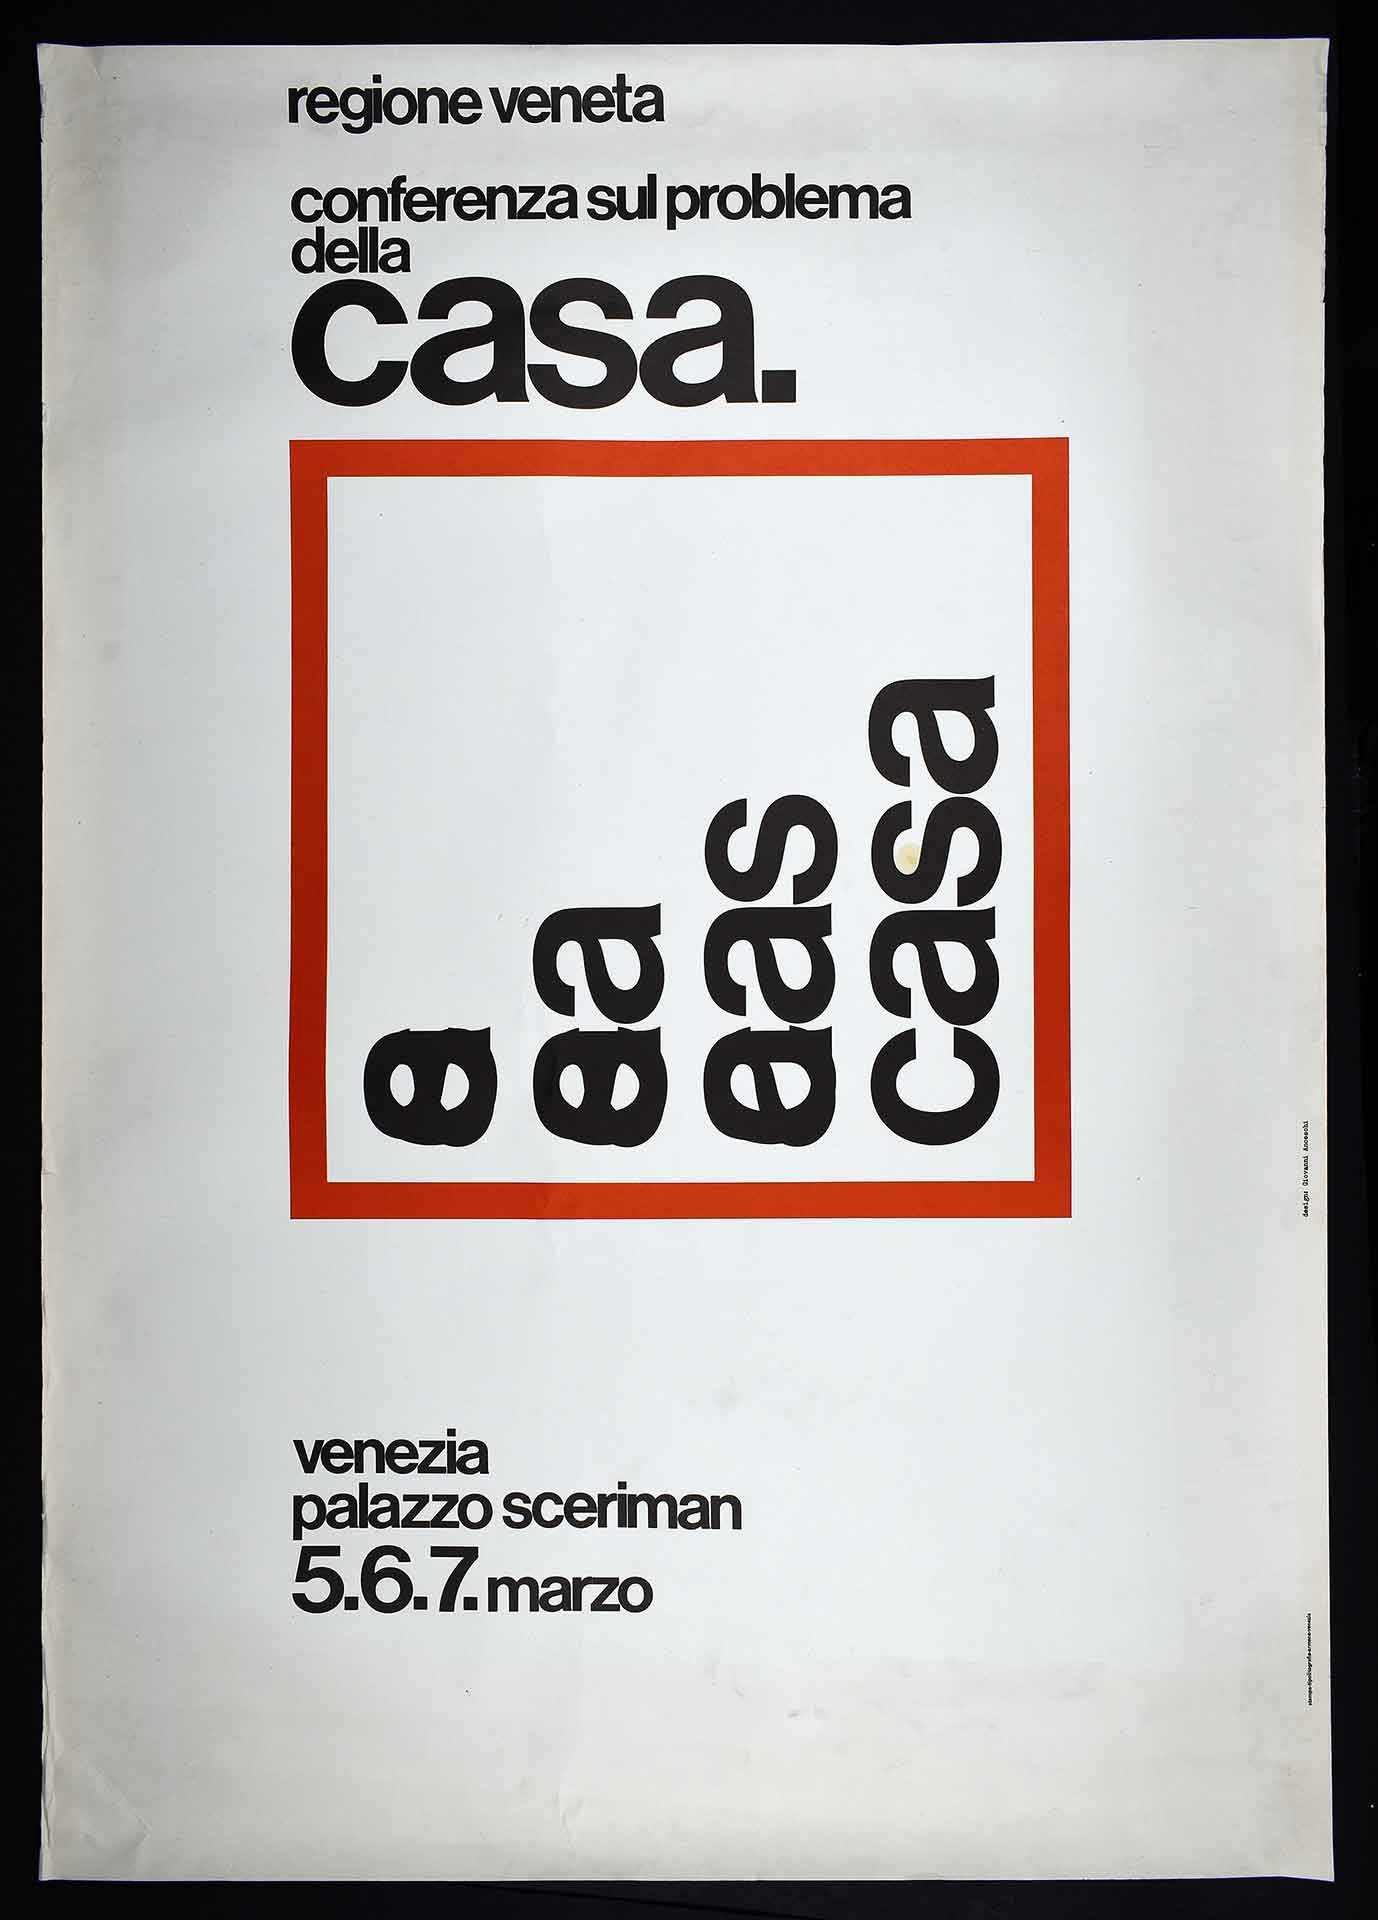 Regione Veneta. Stampa Tipolitografia Armens, Venezia. Design di Giovanni Anceschi. Campagna istituzionale.